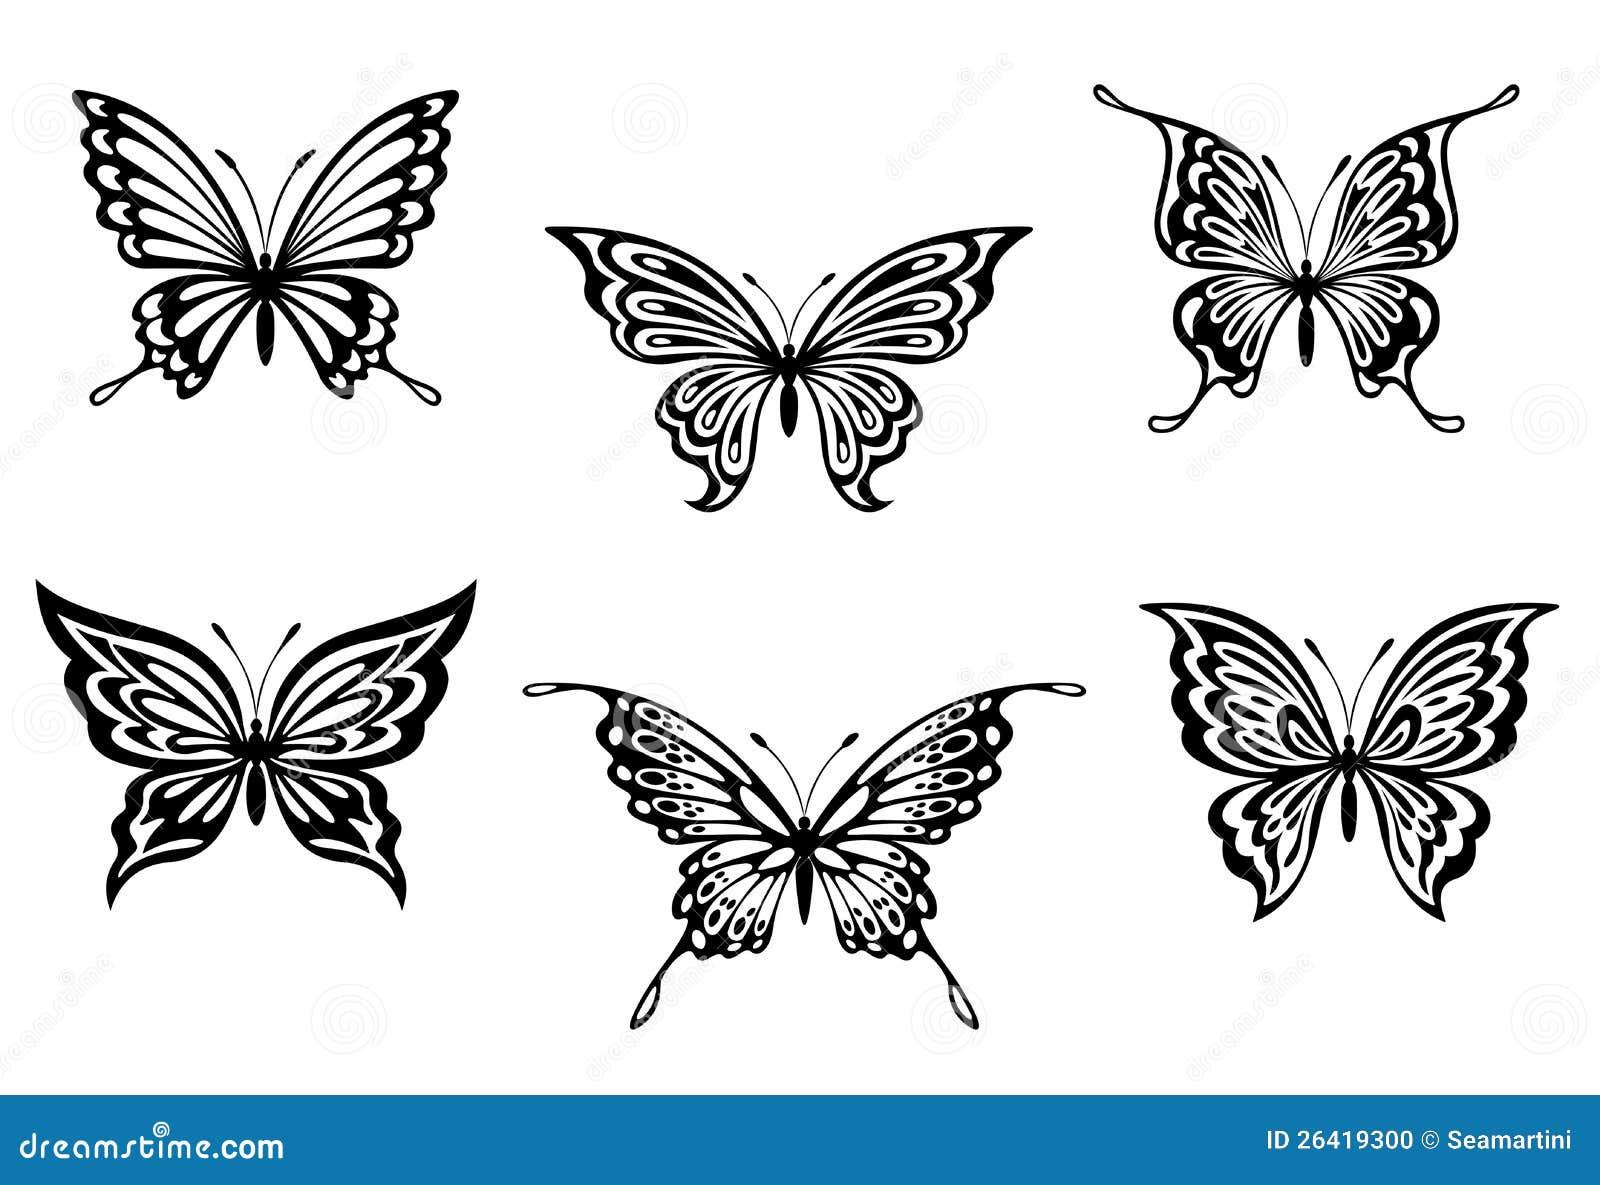 套纹身花刺或点缀的黑色蝴蝶.图片